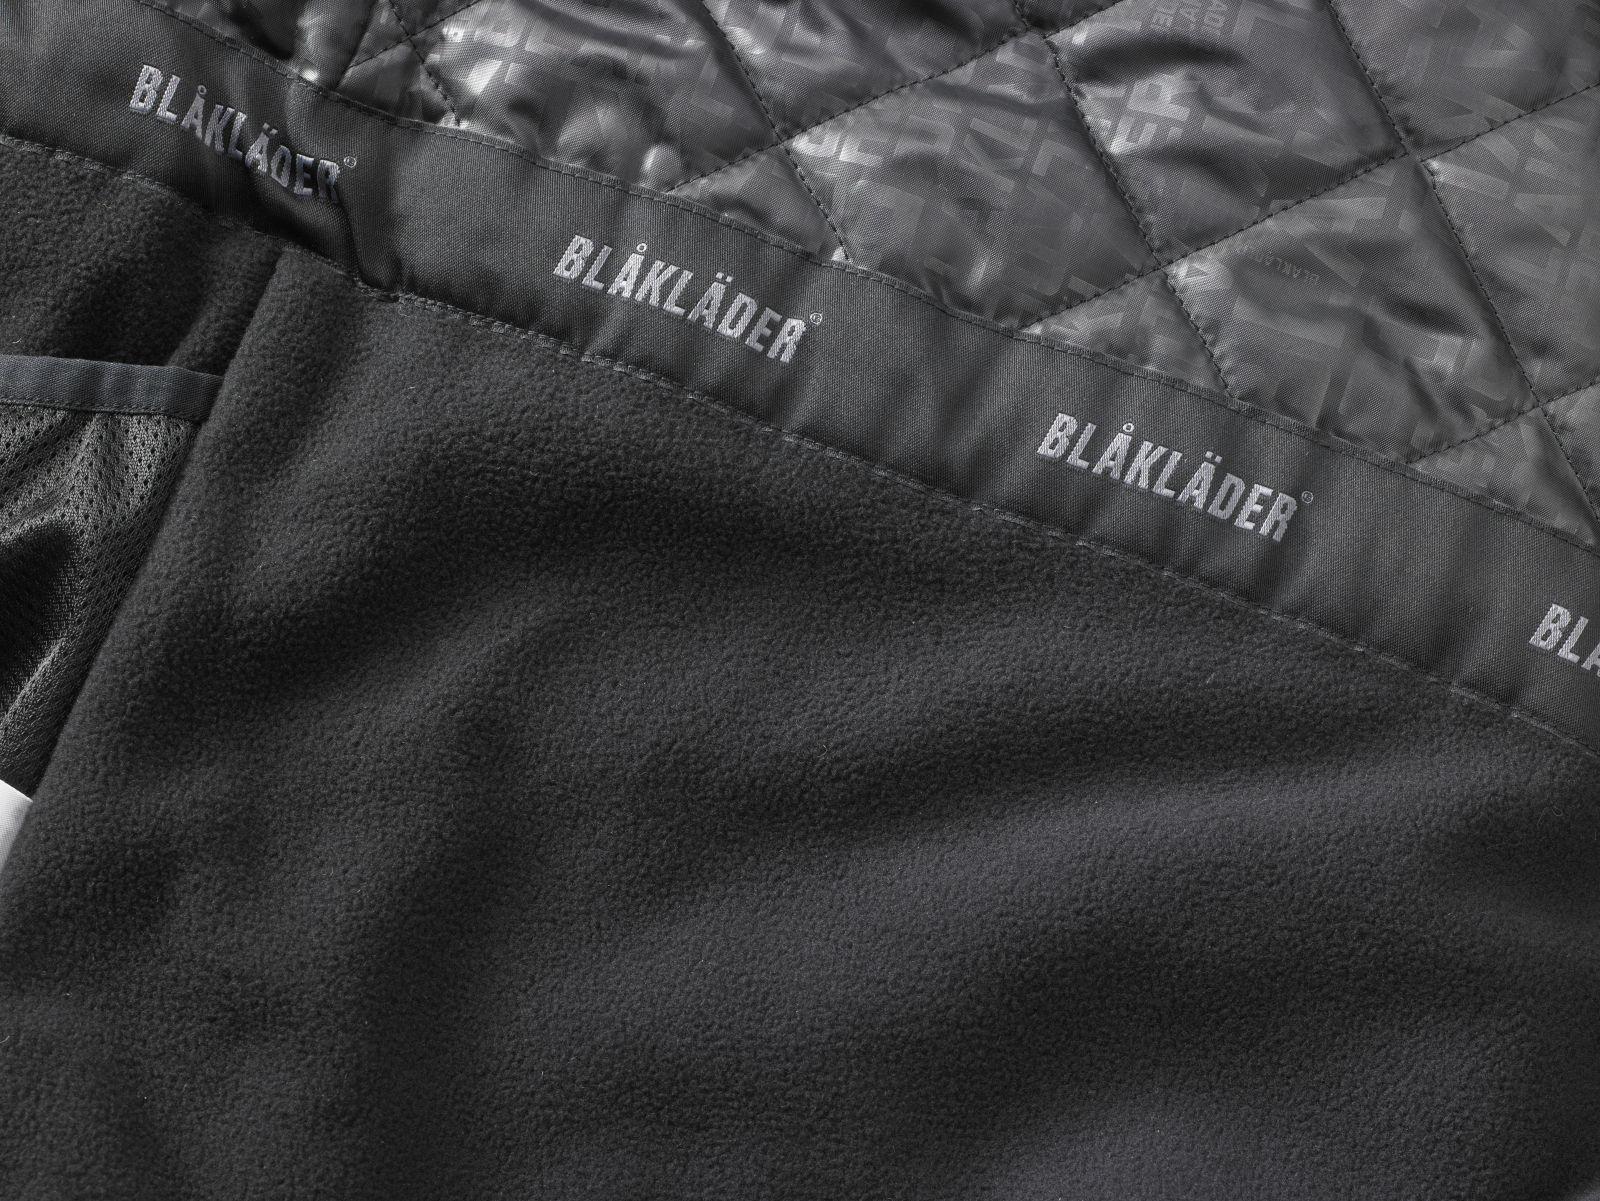 Blaklader Jassen 49861959 zwart(9900)